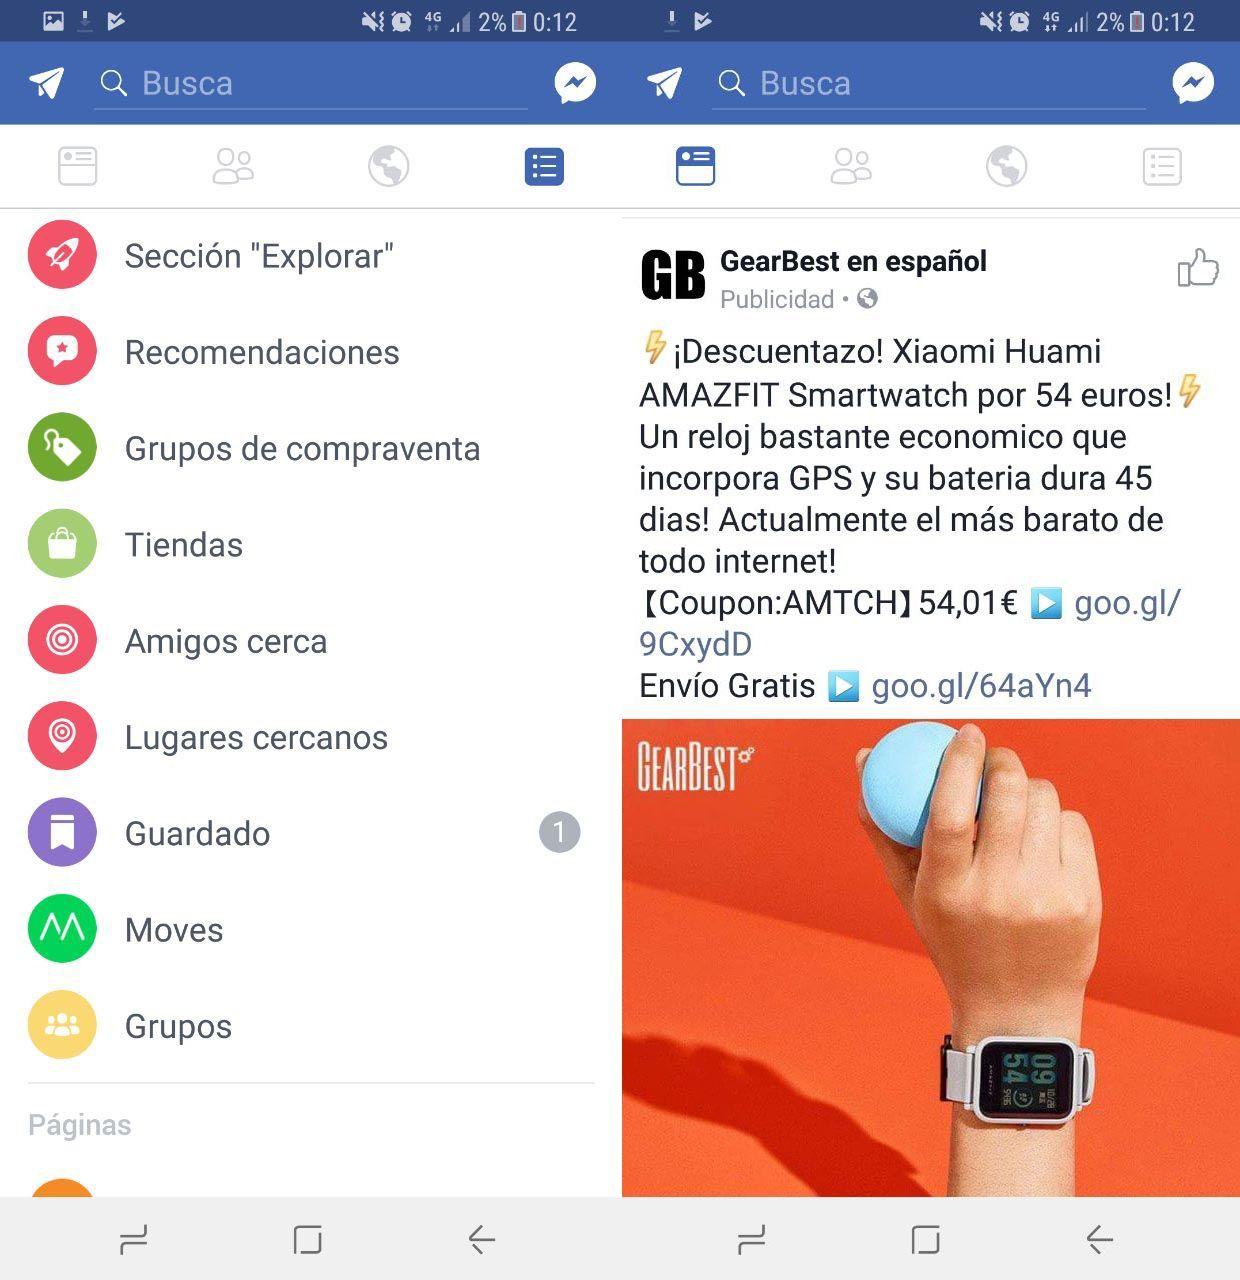 Nuevos iconos Facebook Android